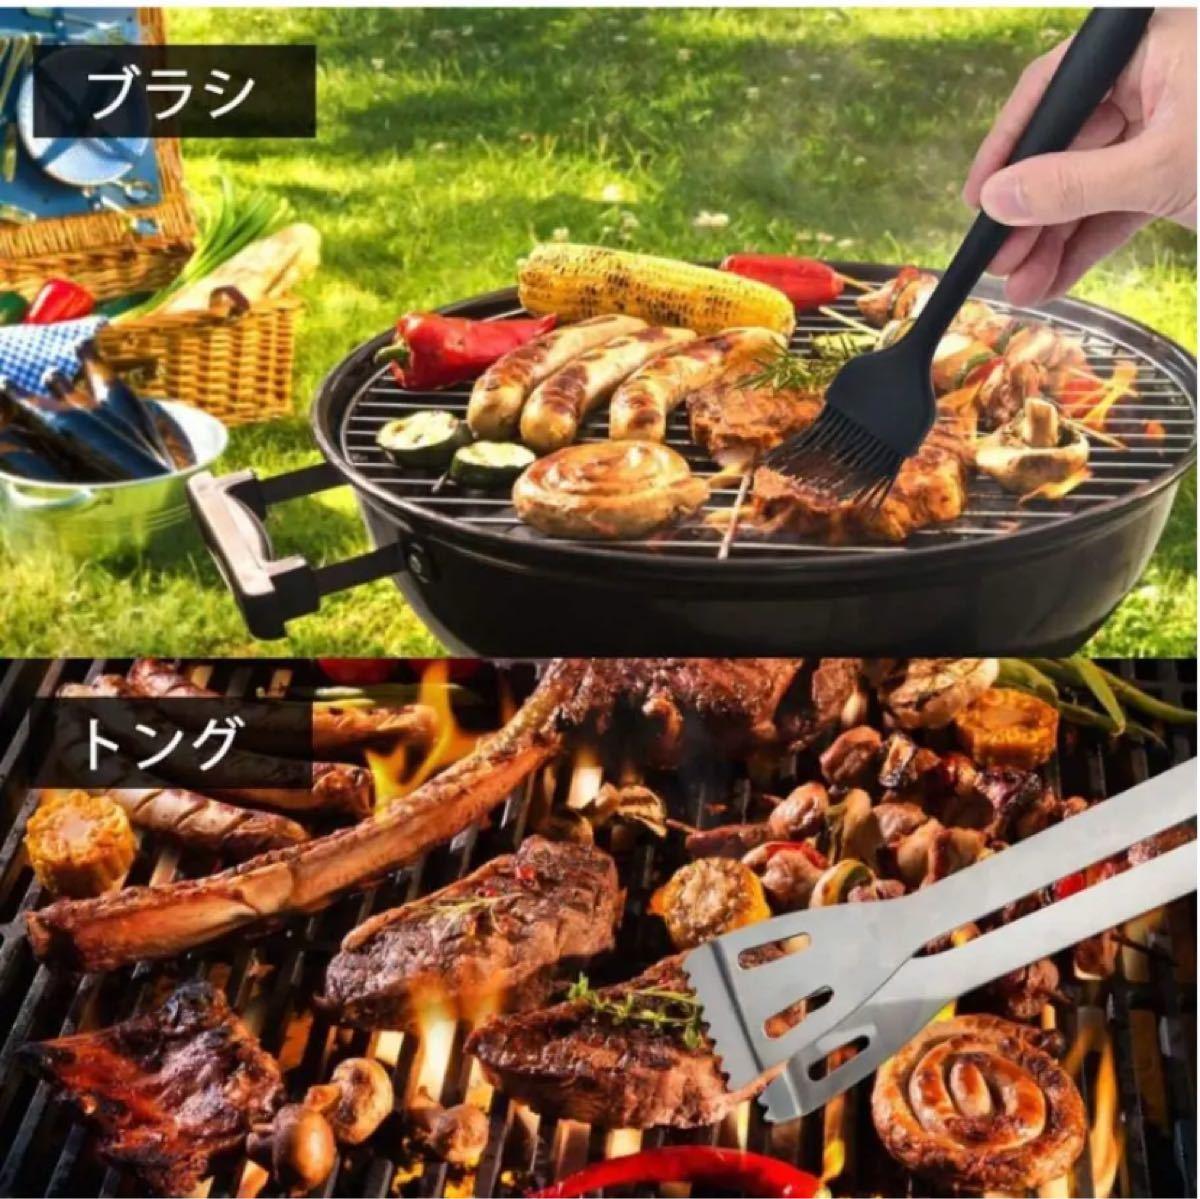 バーベキュー 調理器具 BBQ セットクッキングツールキャンプ用品 22点セット